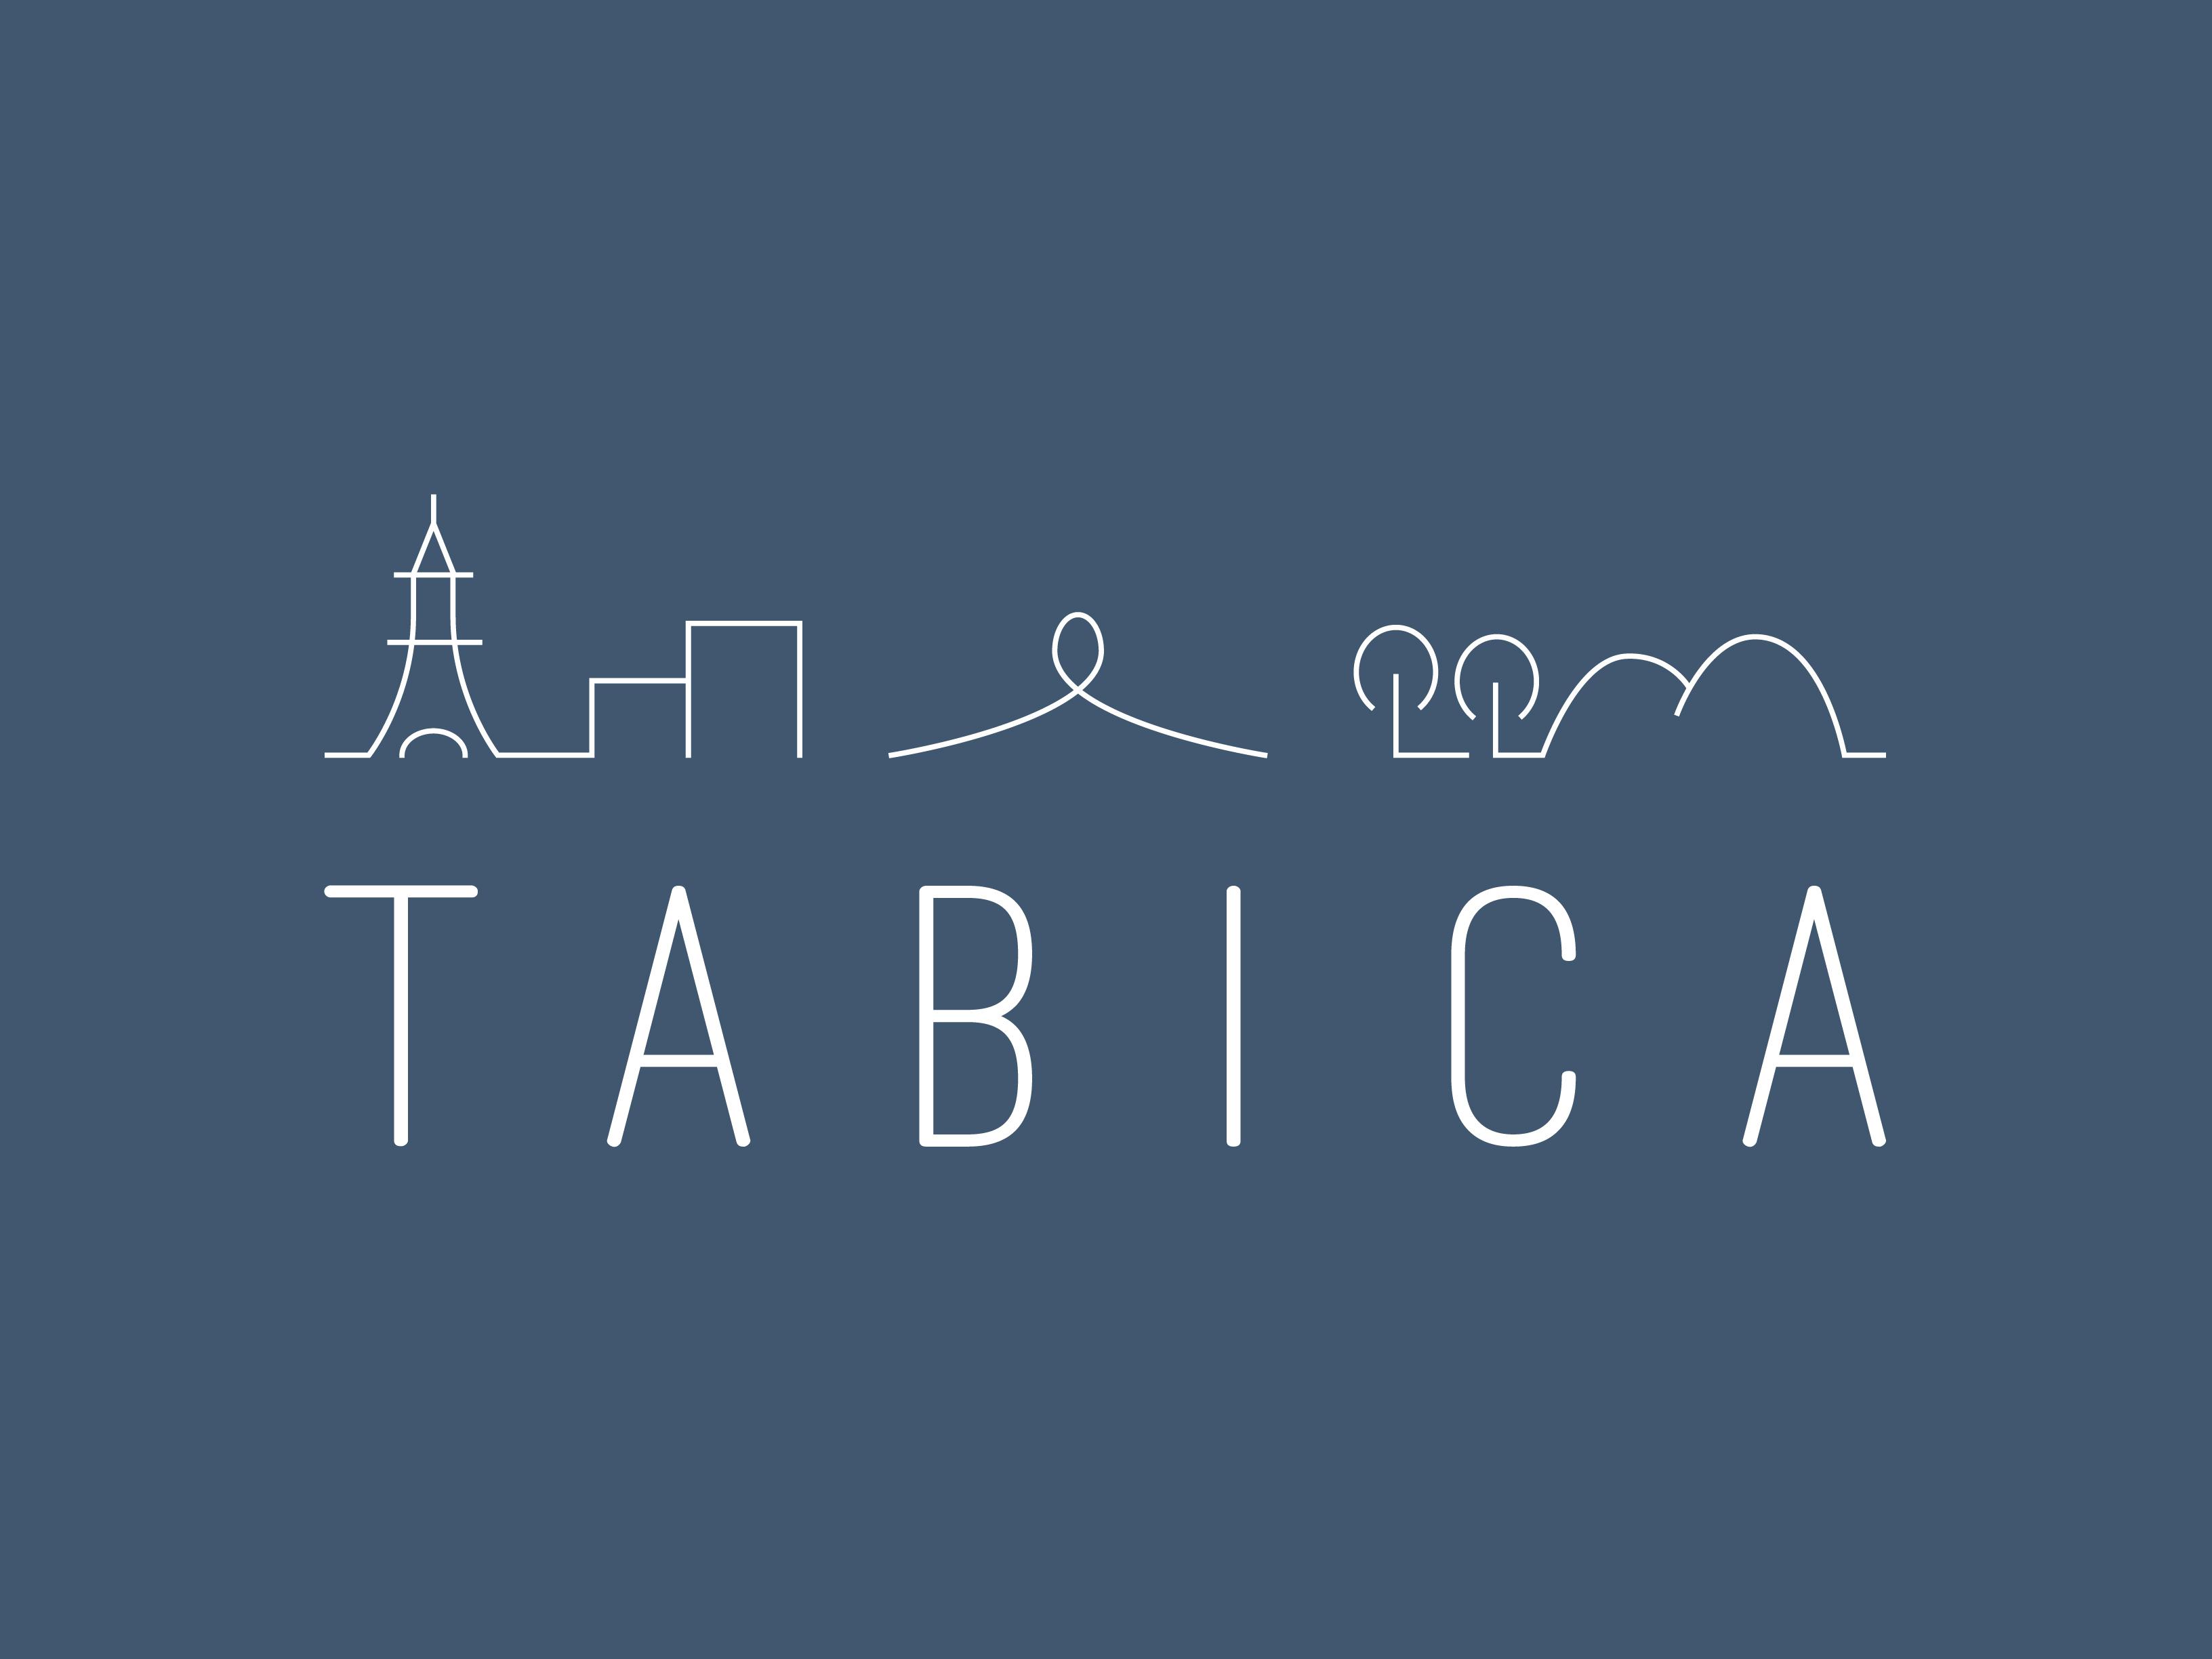 TABICAの「ロゴ・バナー・チラシ」を使いたい!〜ゲストにわかりやすく案内するために〜 | TABICAホストガイドブック||アインの集客マーケティングブログ